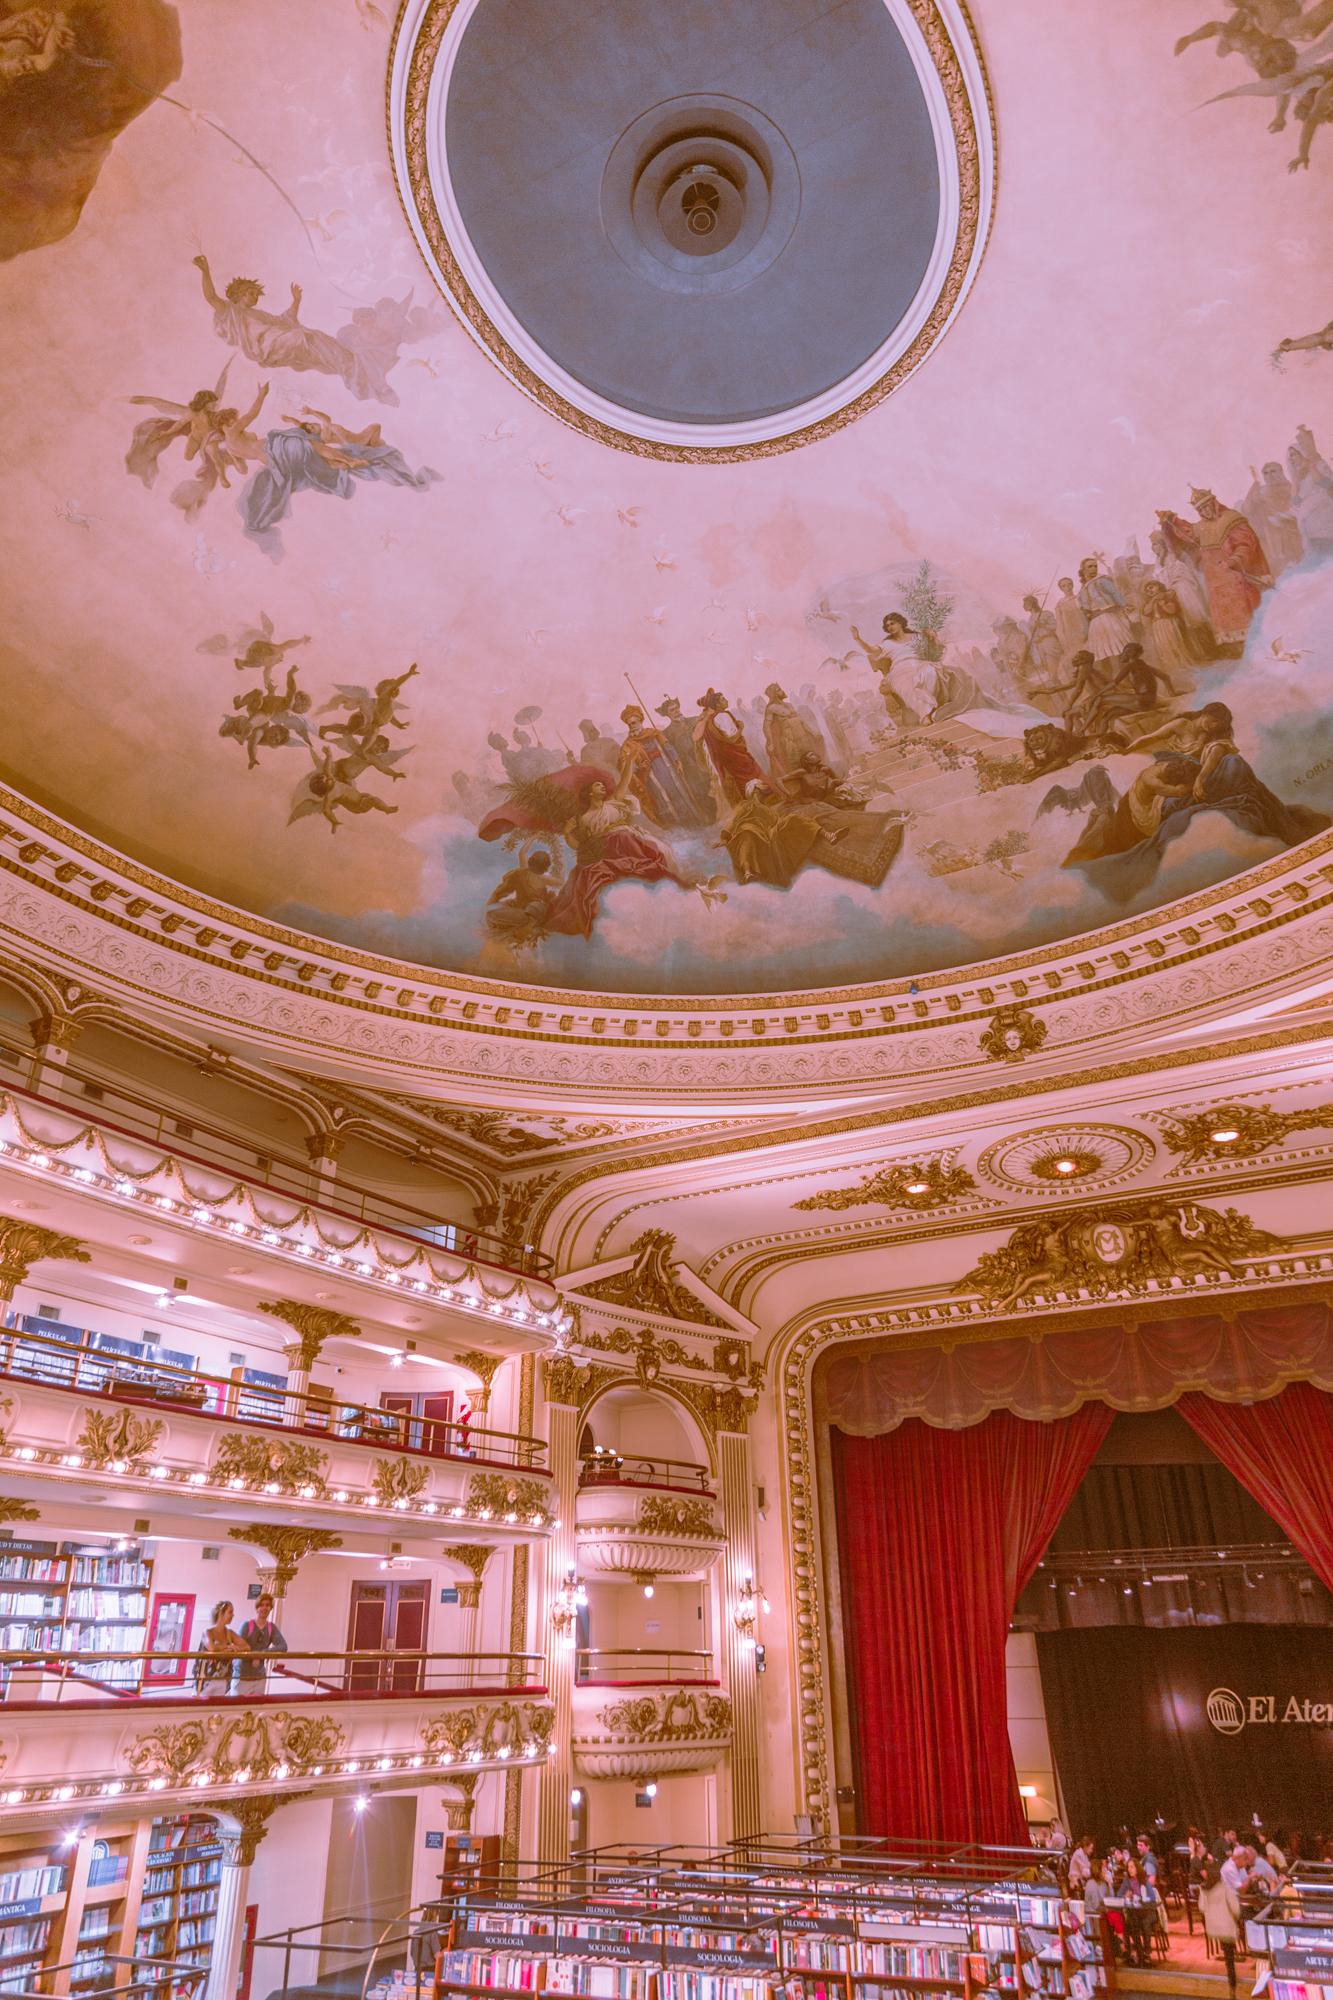 El Ateneo, Bookstore Buenos Aires